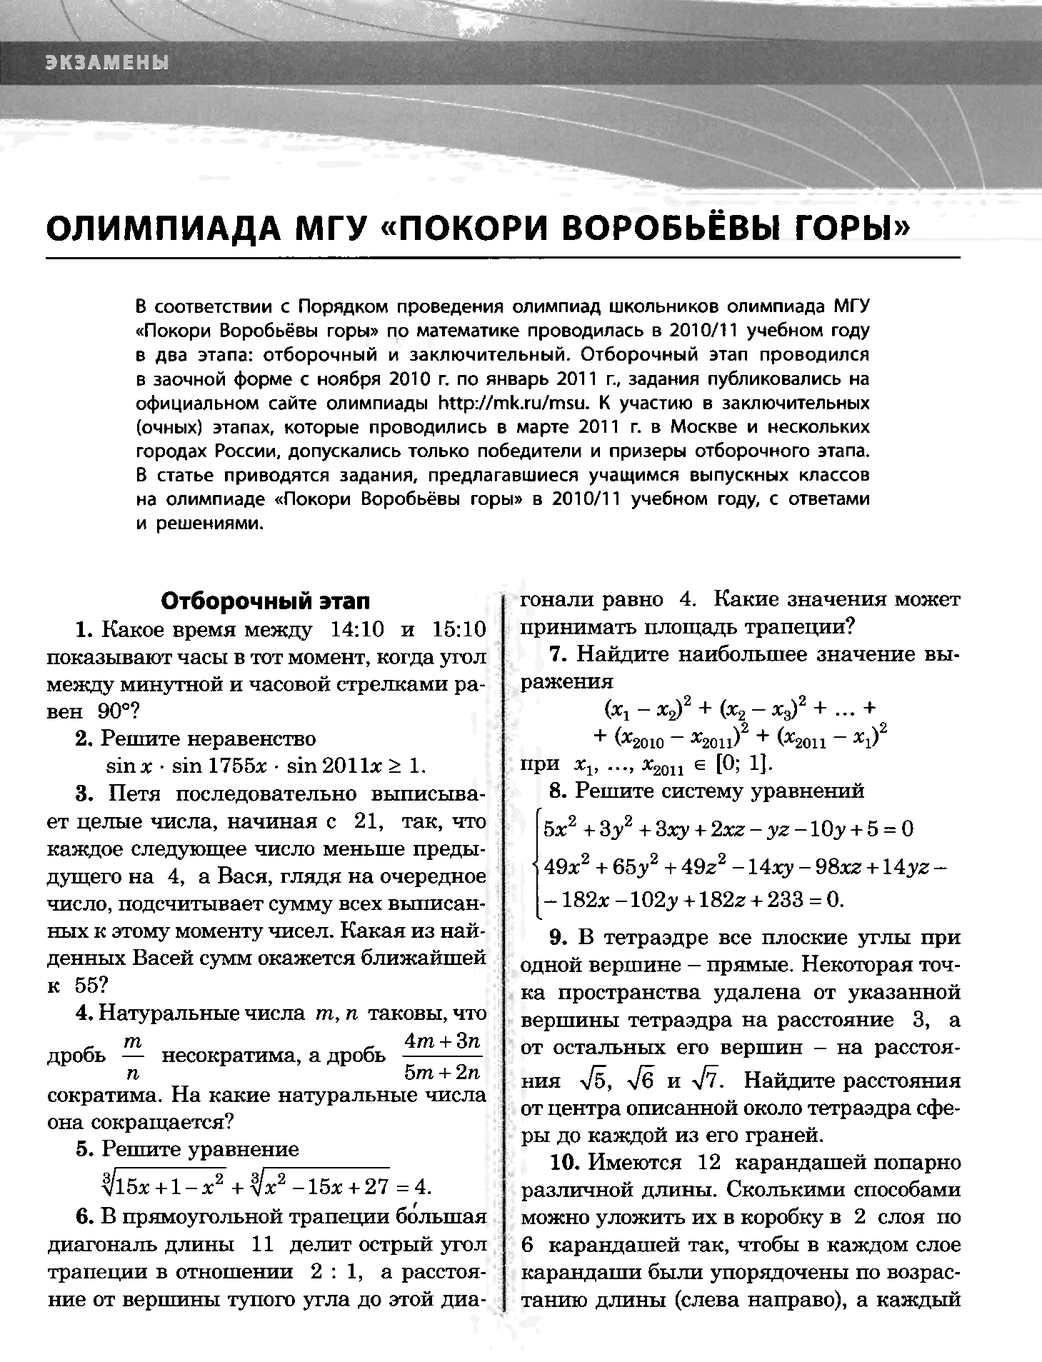 Покори Воробъевы горы 2010-11